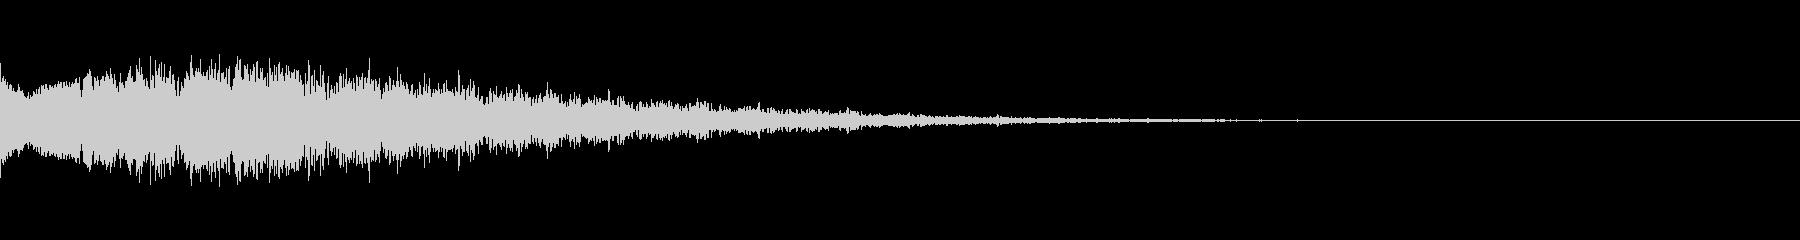 キューン:サイレンの様な音・場面転換dの未再生の波形